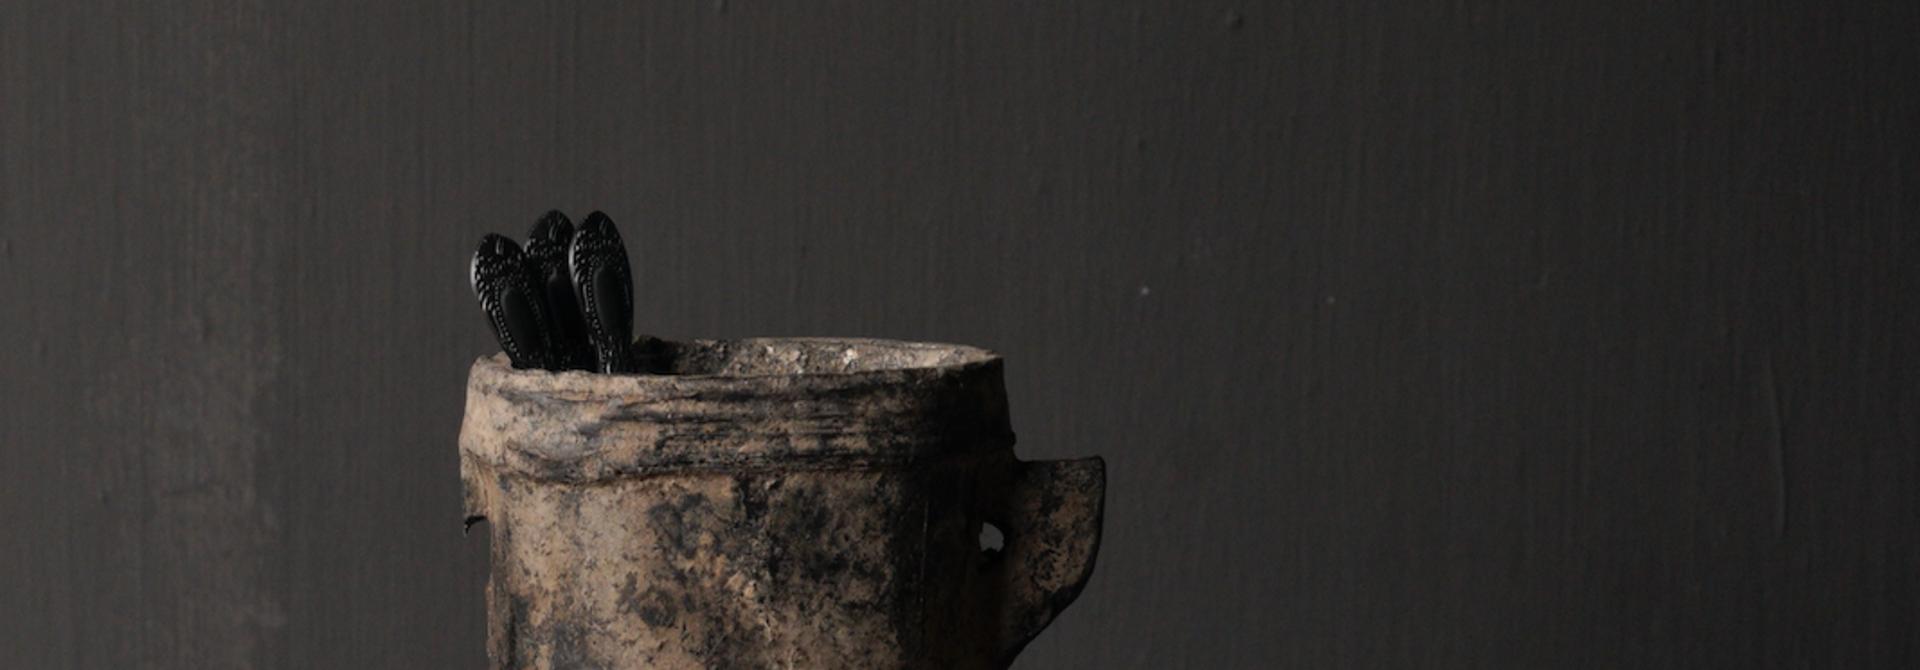 Kleiner sehr alter hölzerner Küchentopf - Kopie